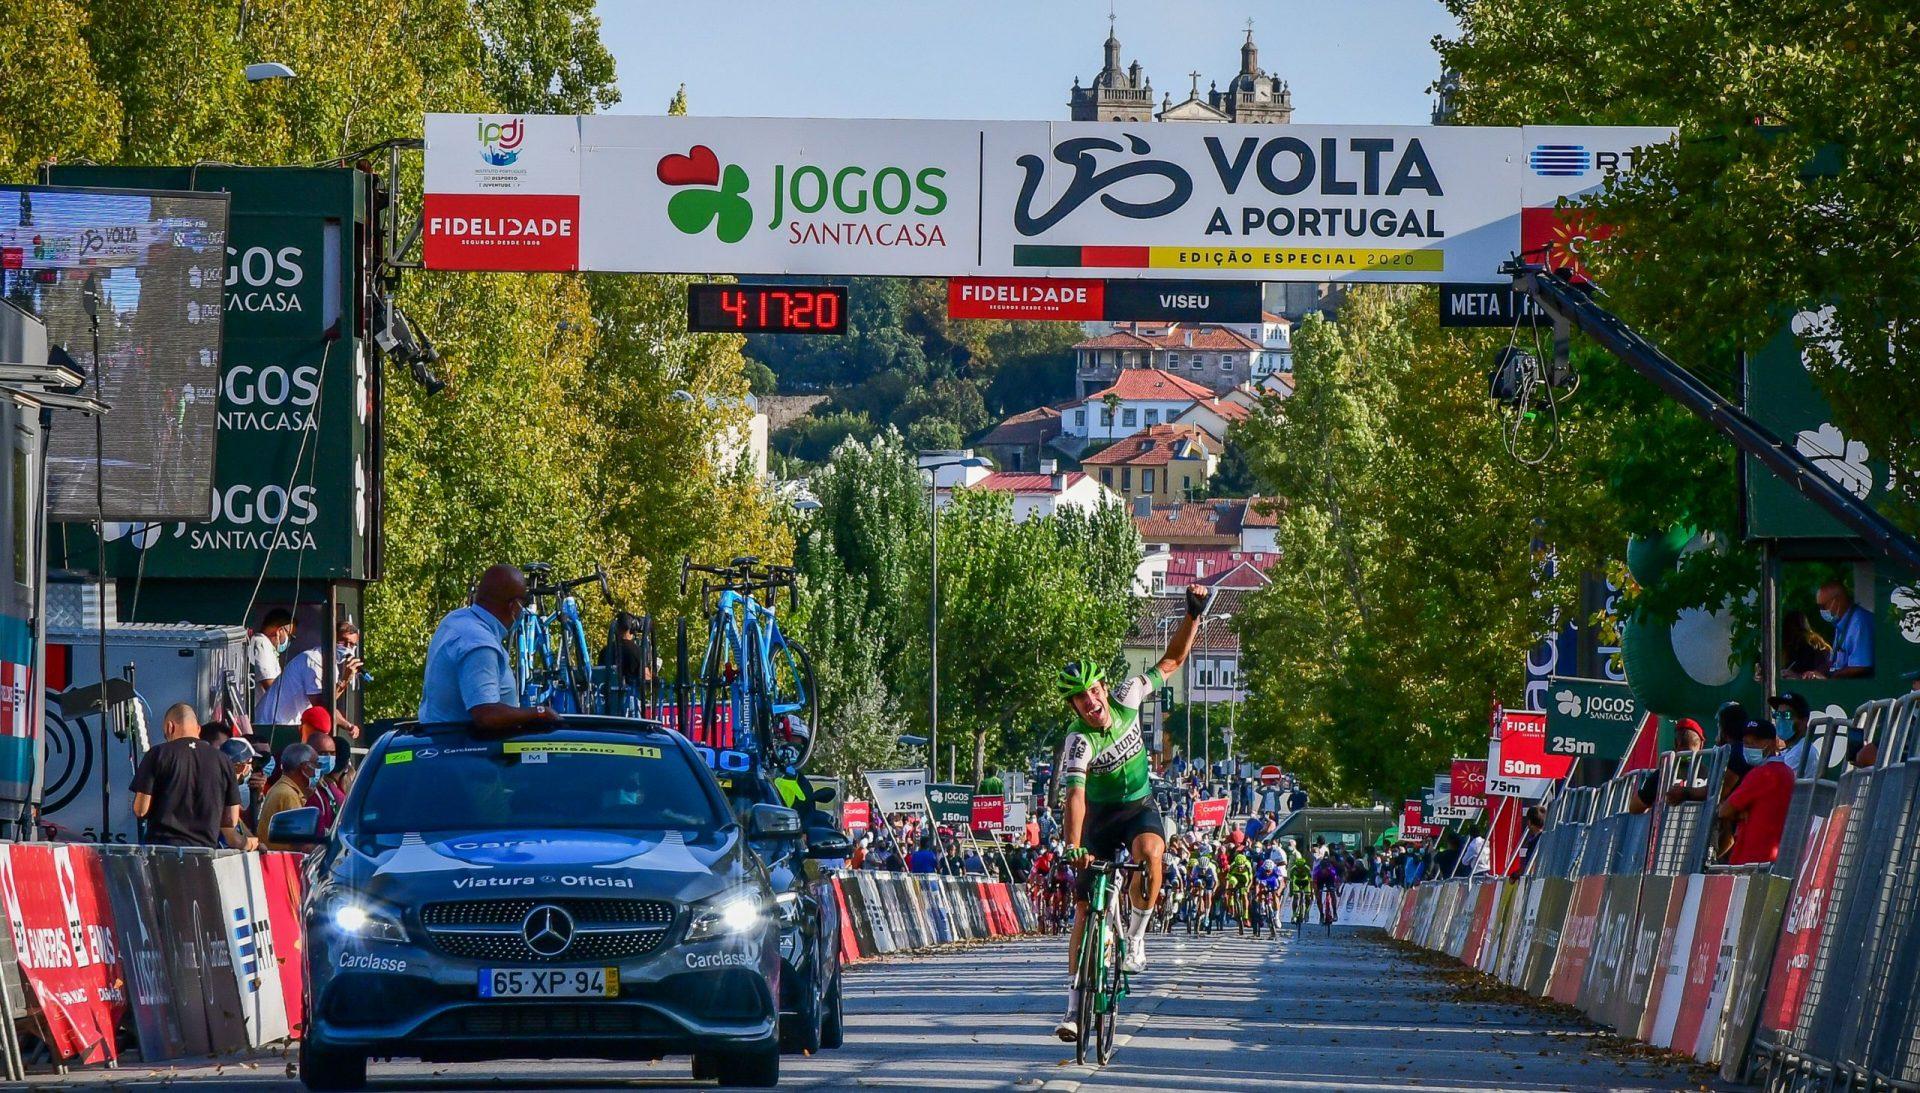 Oier Lazkano troca as voltas aos sprinters e ganha em Viseu